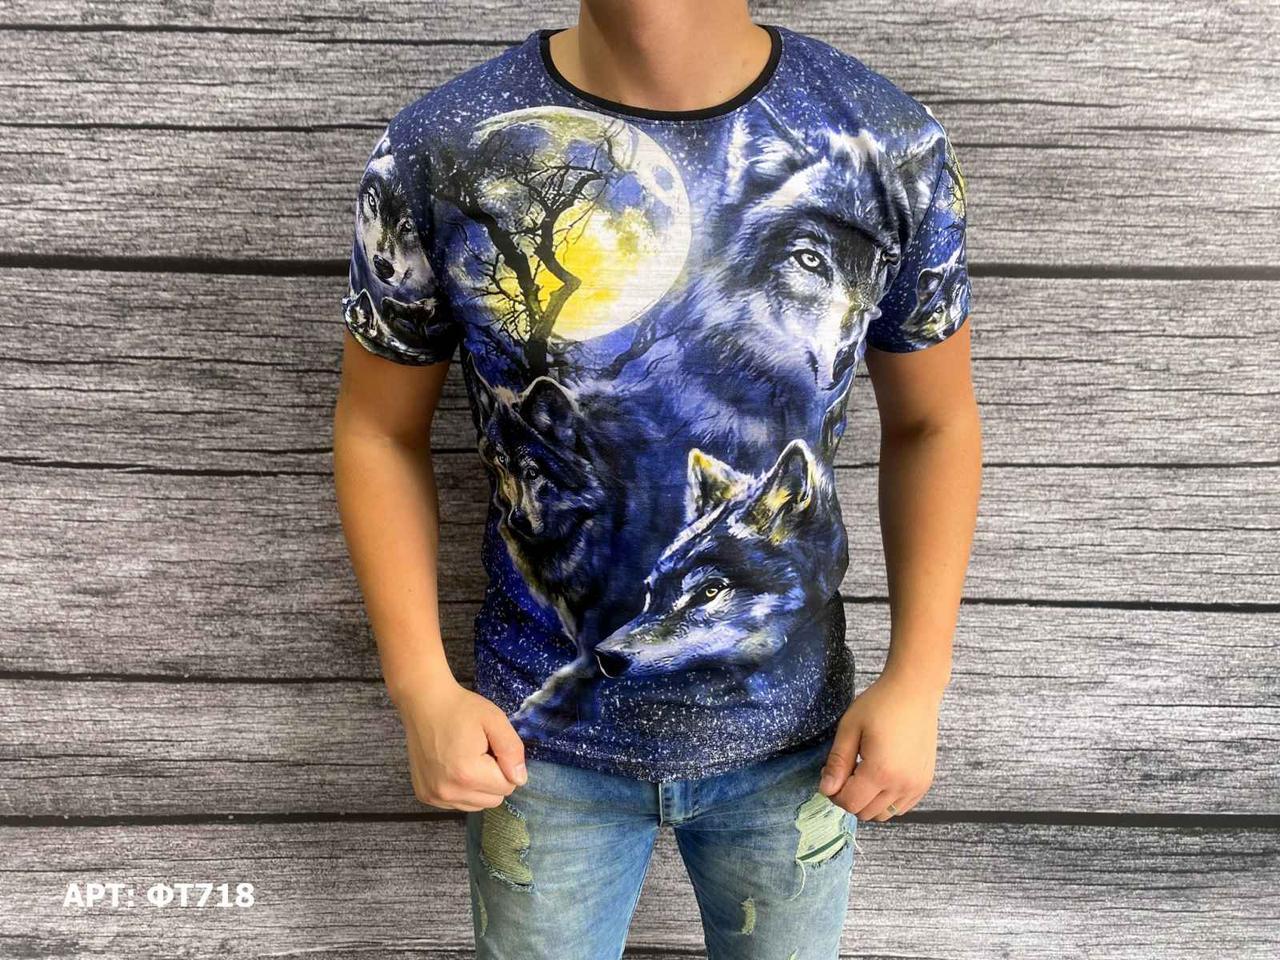 Мужская футболка. Размеры: M,L,XL,2XL,3XL (маломерят на 2 размера)